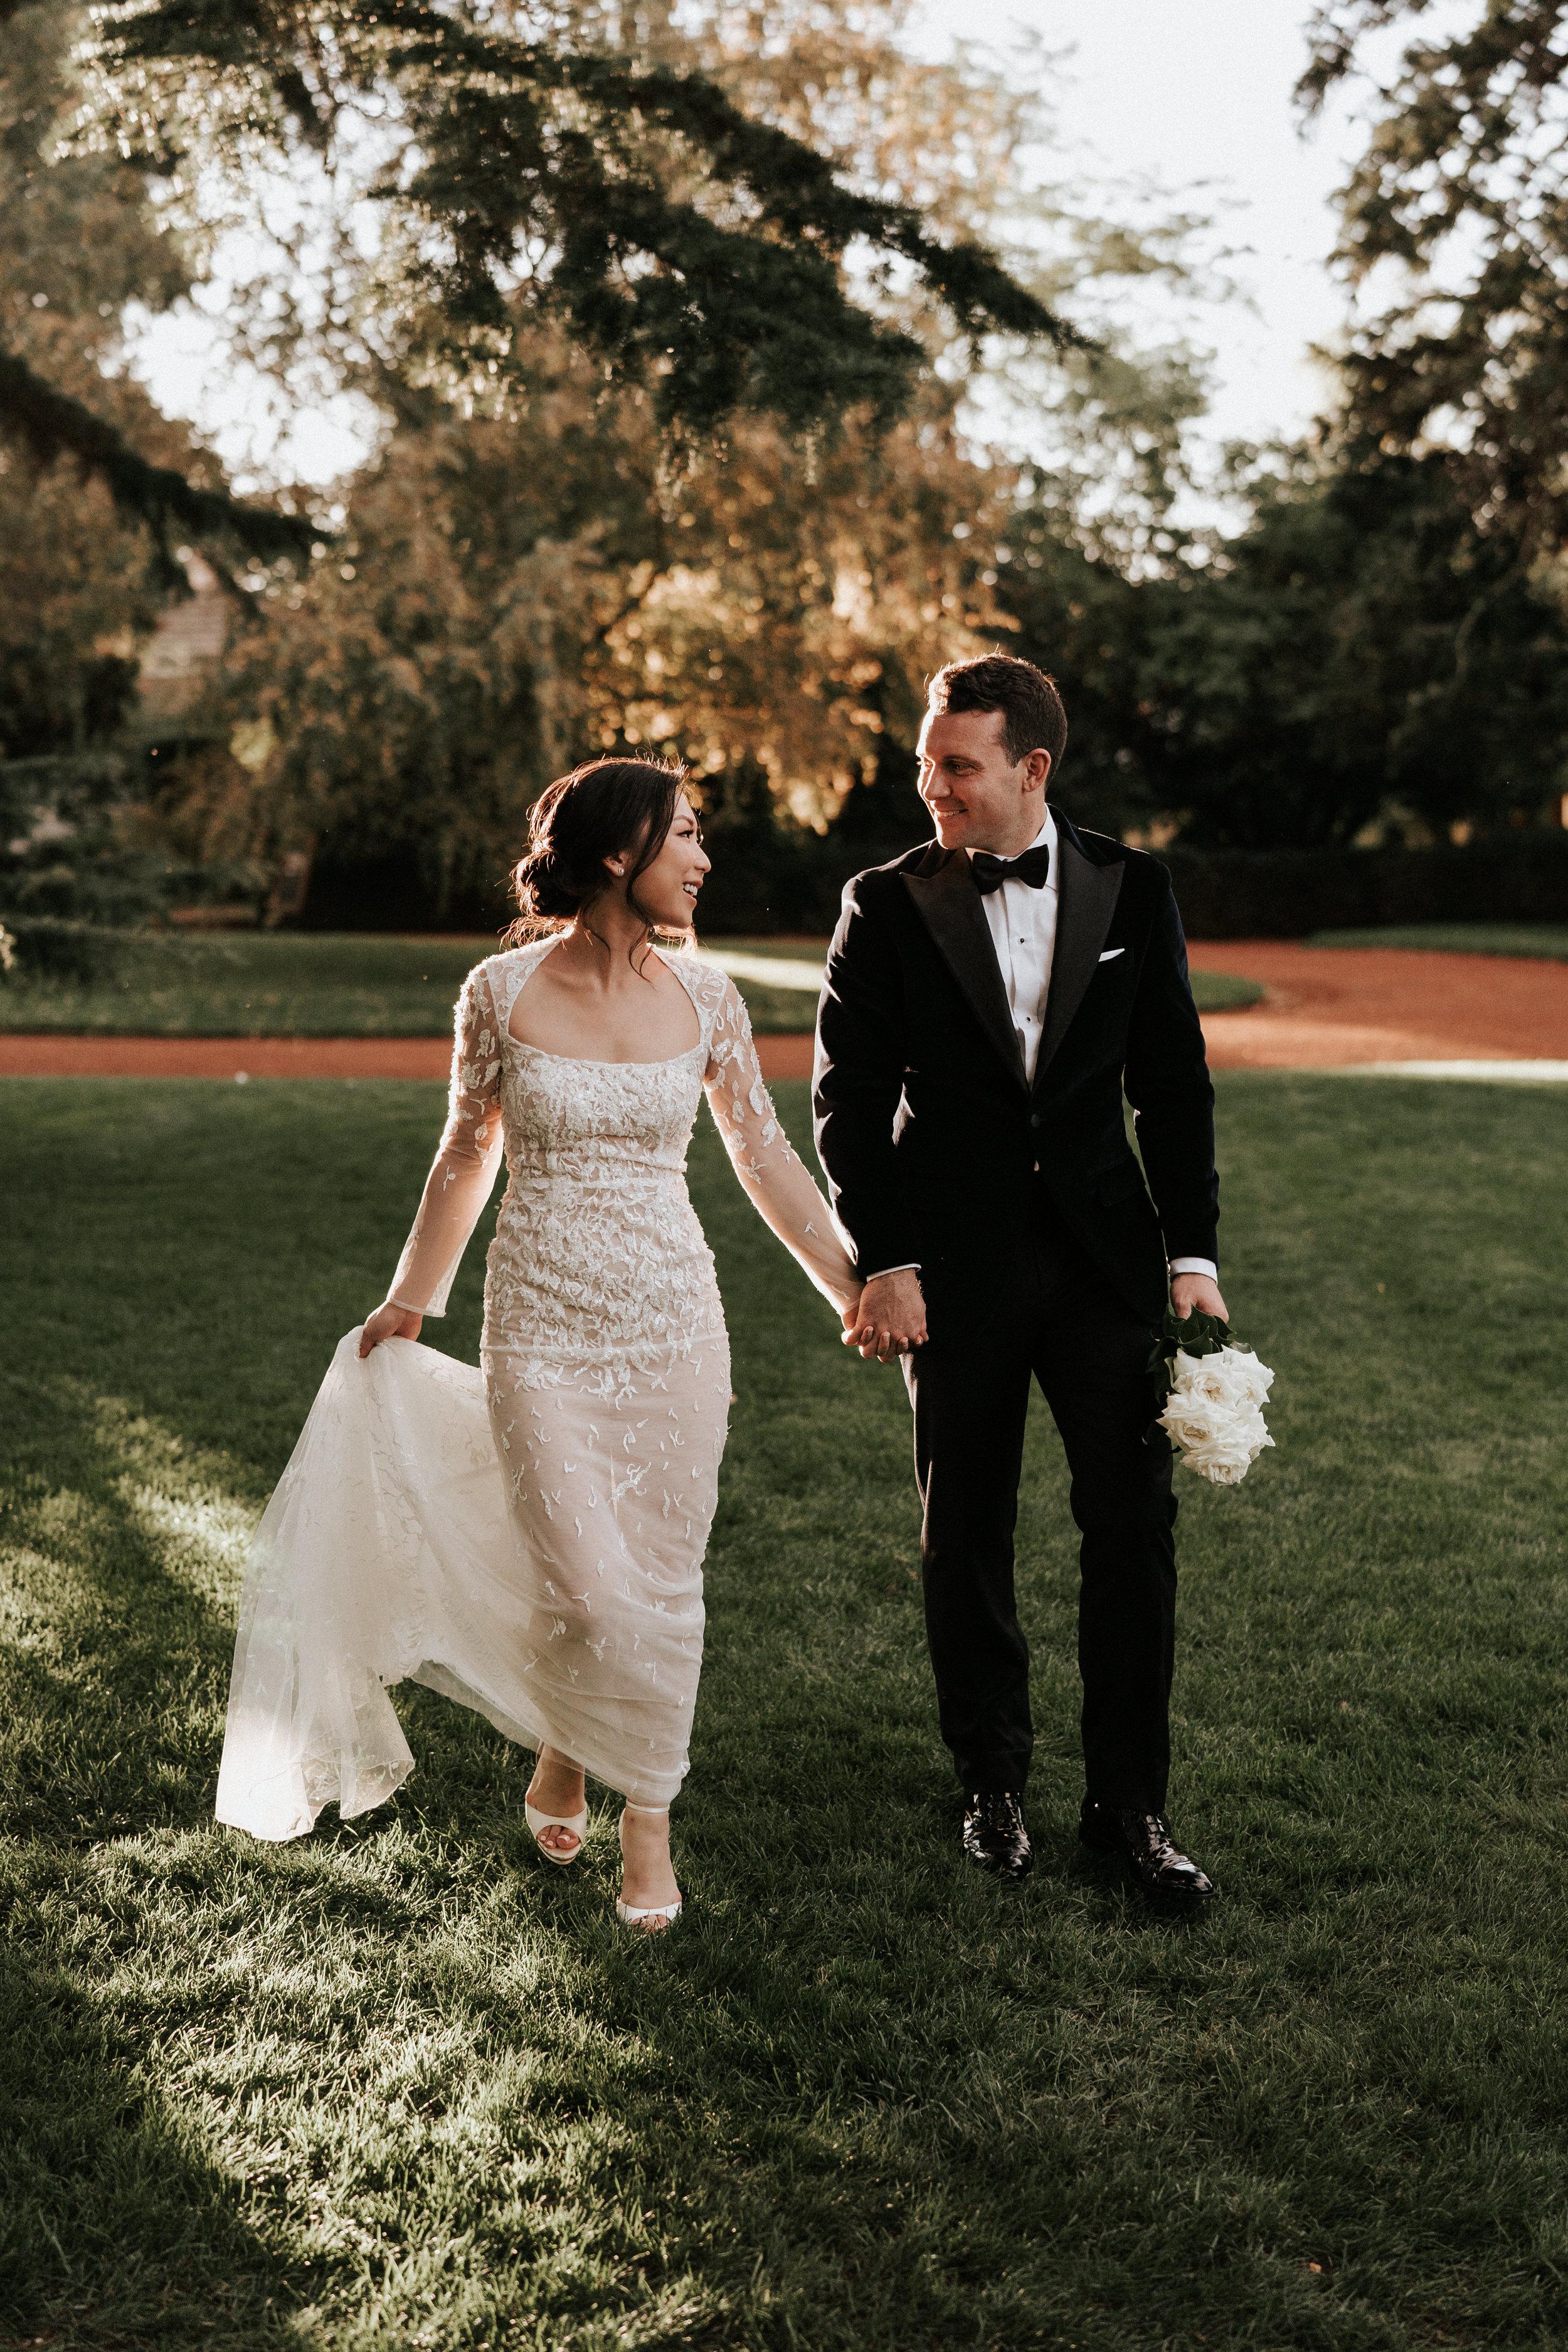 linda-rudi-fenton-wedding-414.jpg